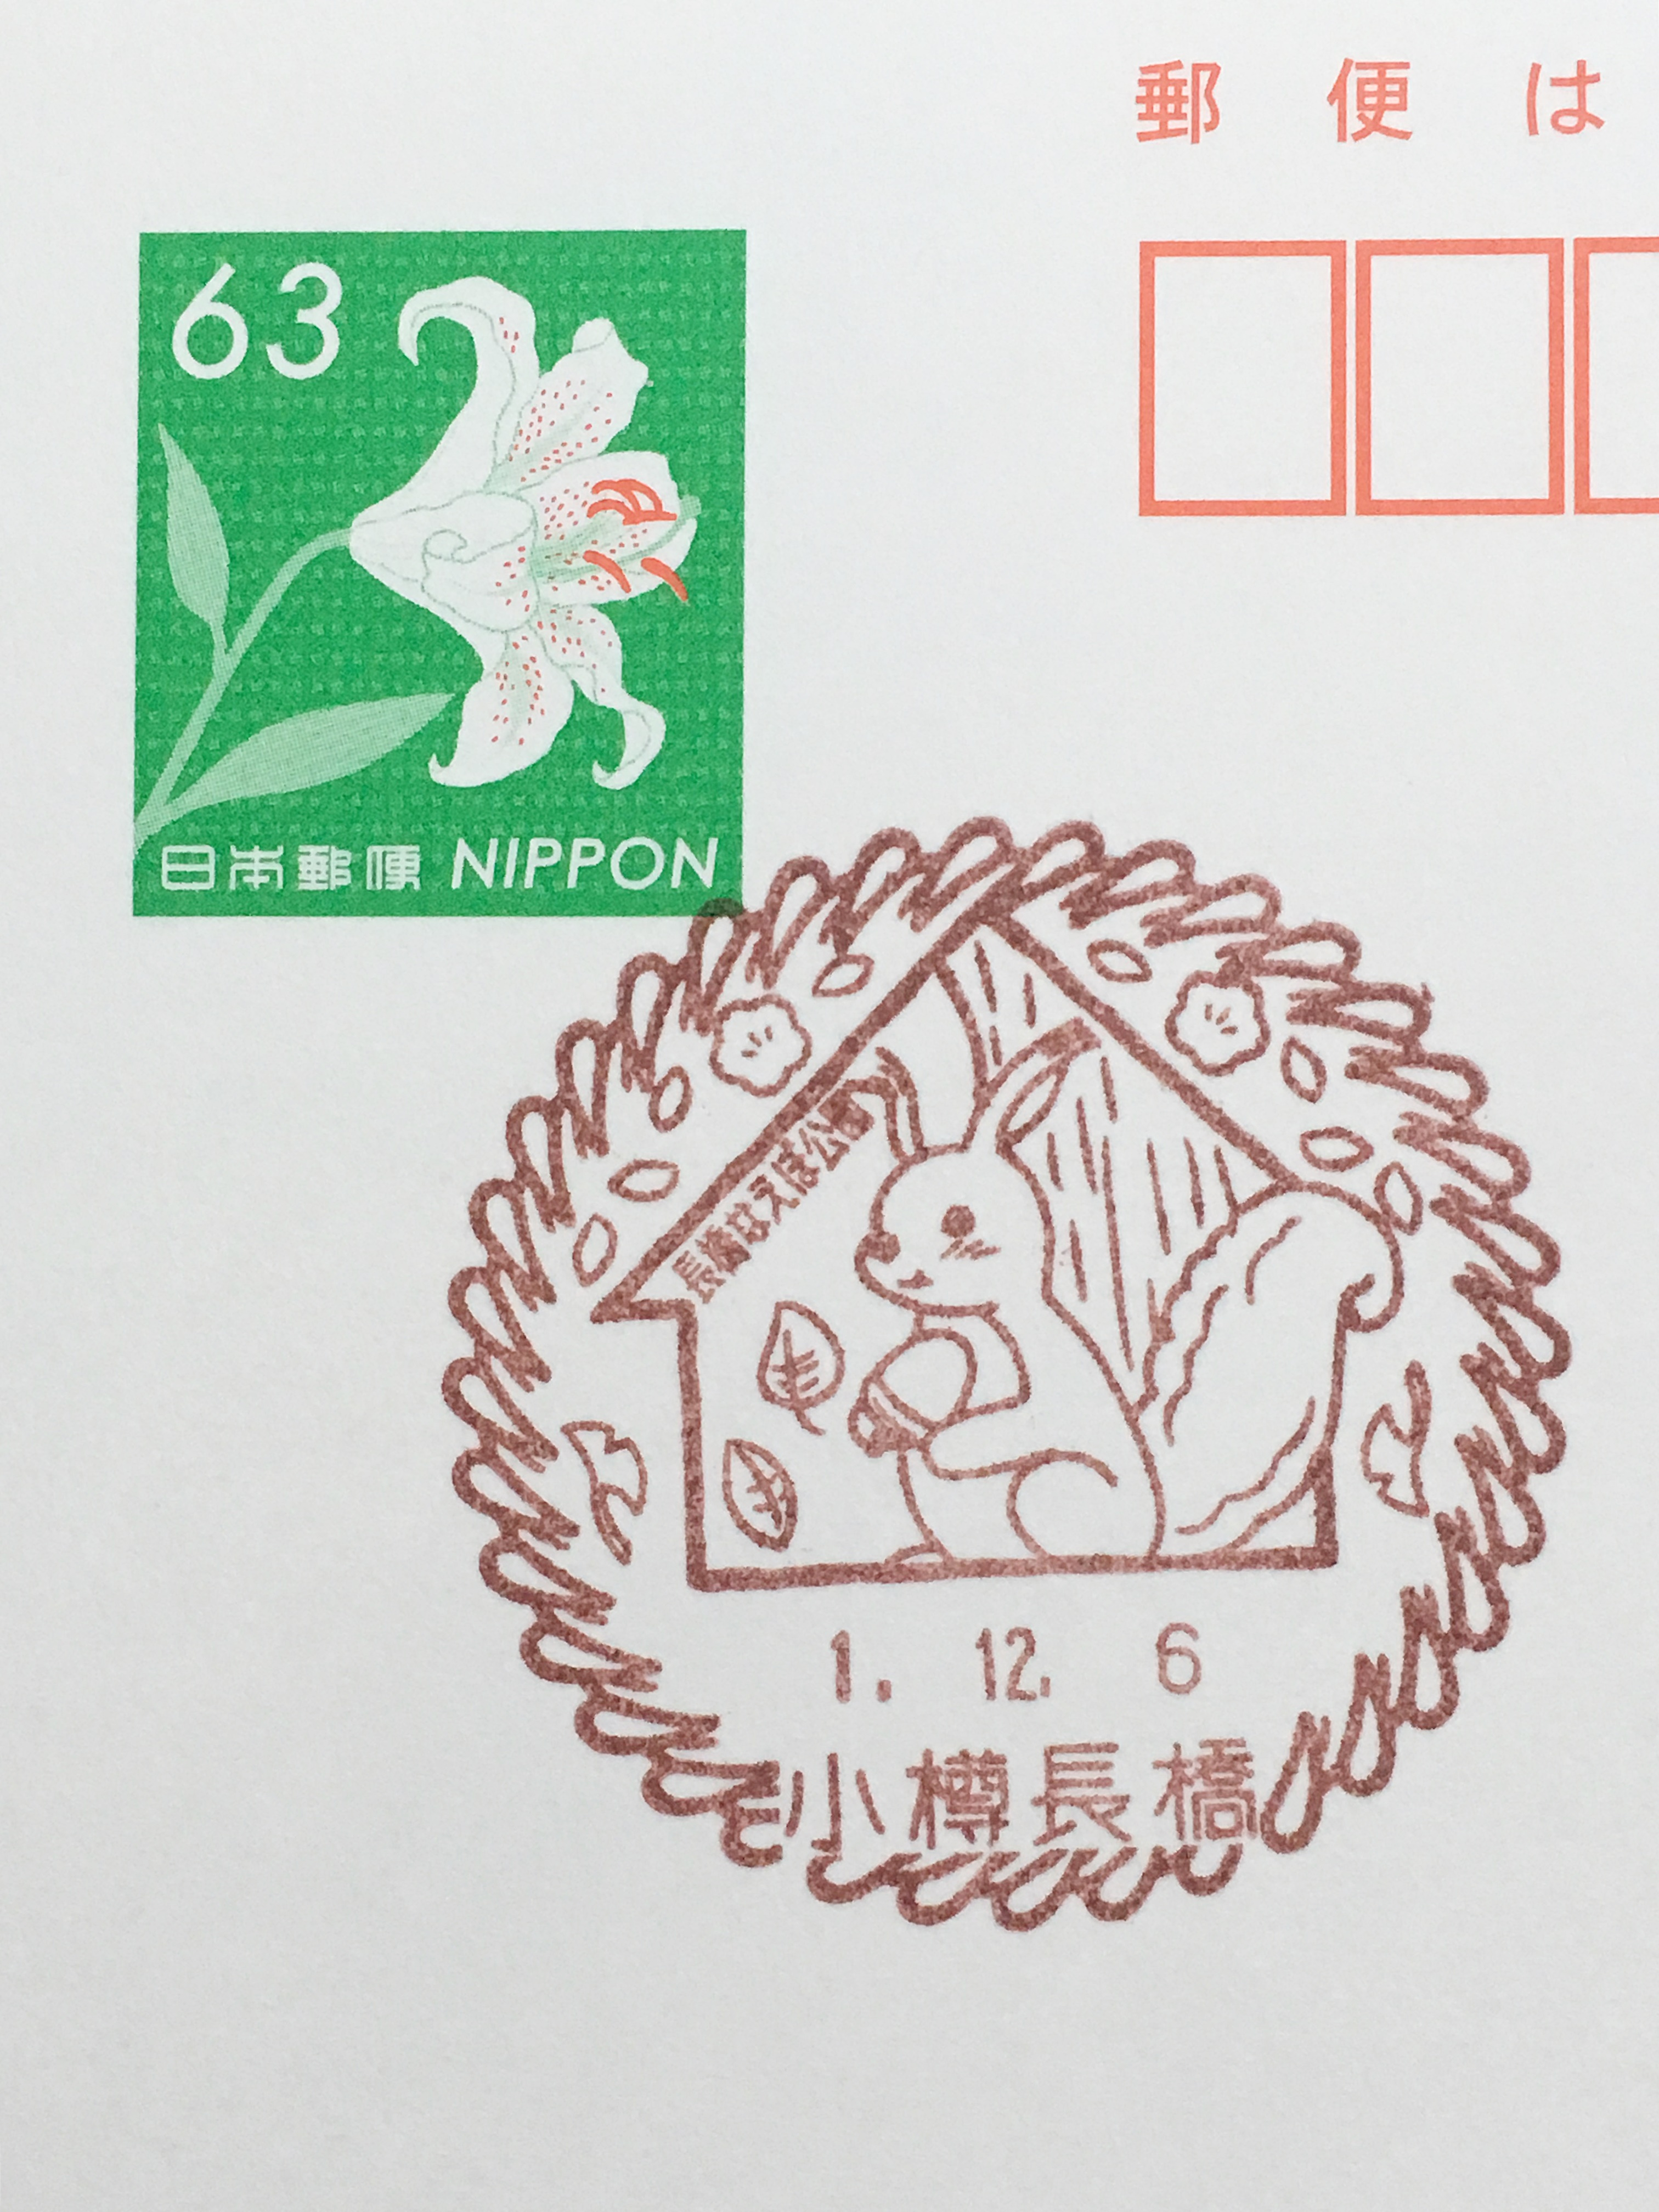 風景印 小樽長橋郵便局.JPG